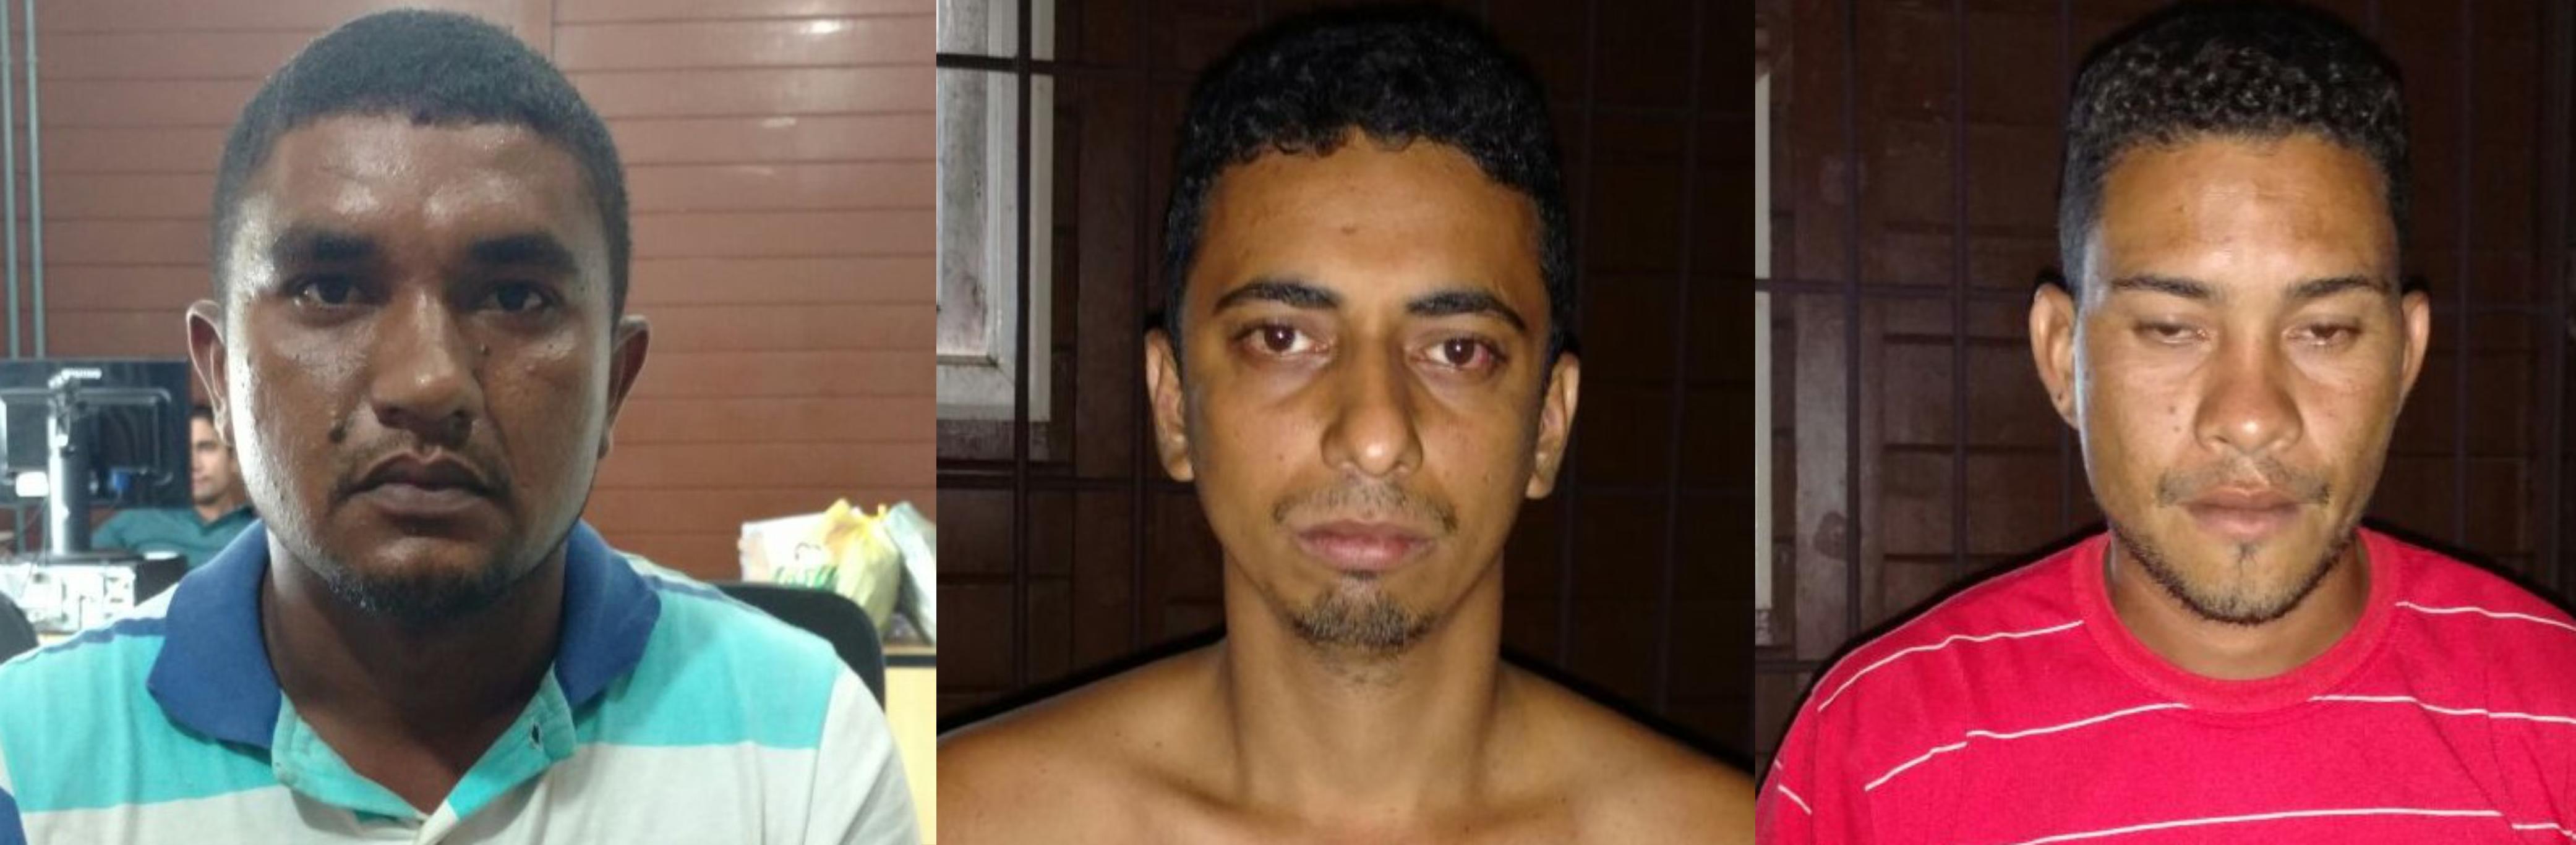 Três suspeitos por tráfico de drogas são presos em Imperatriz pela Polícia Civil